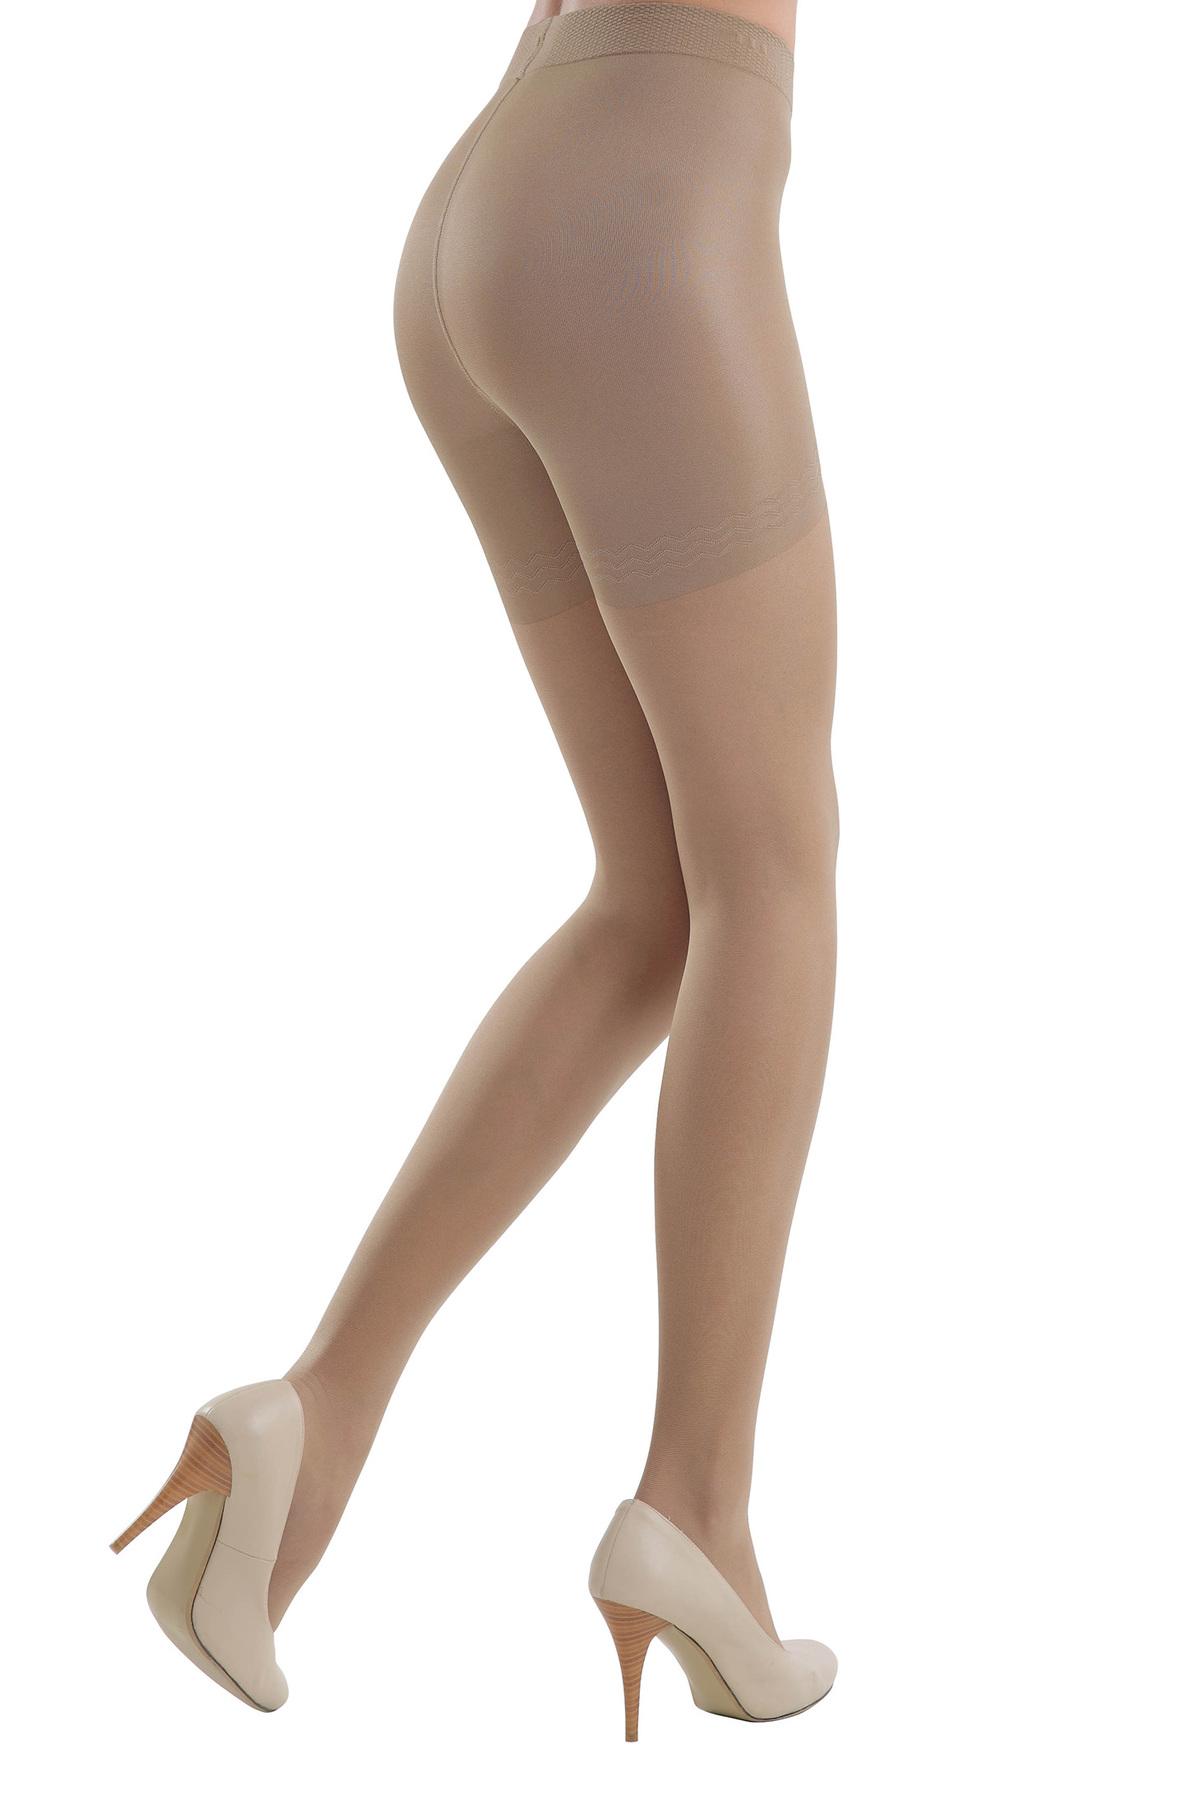 Dres dama modelator nude 20 den banda elastica care nu aluneca